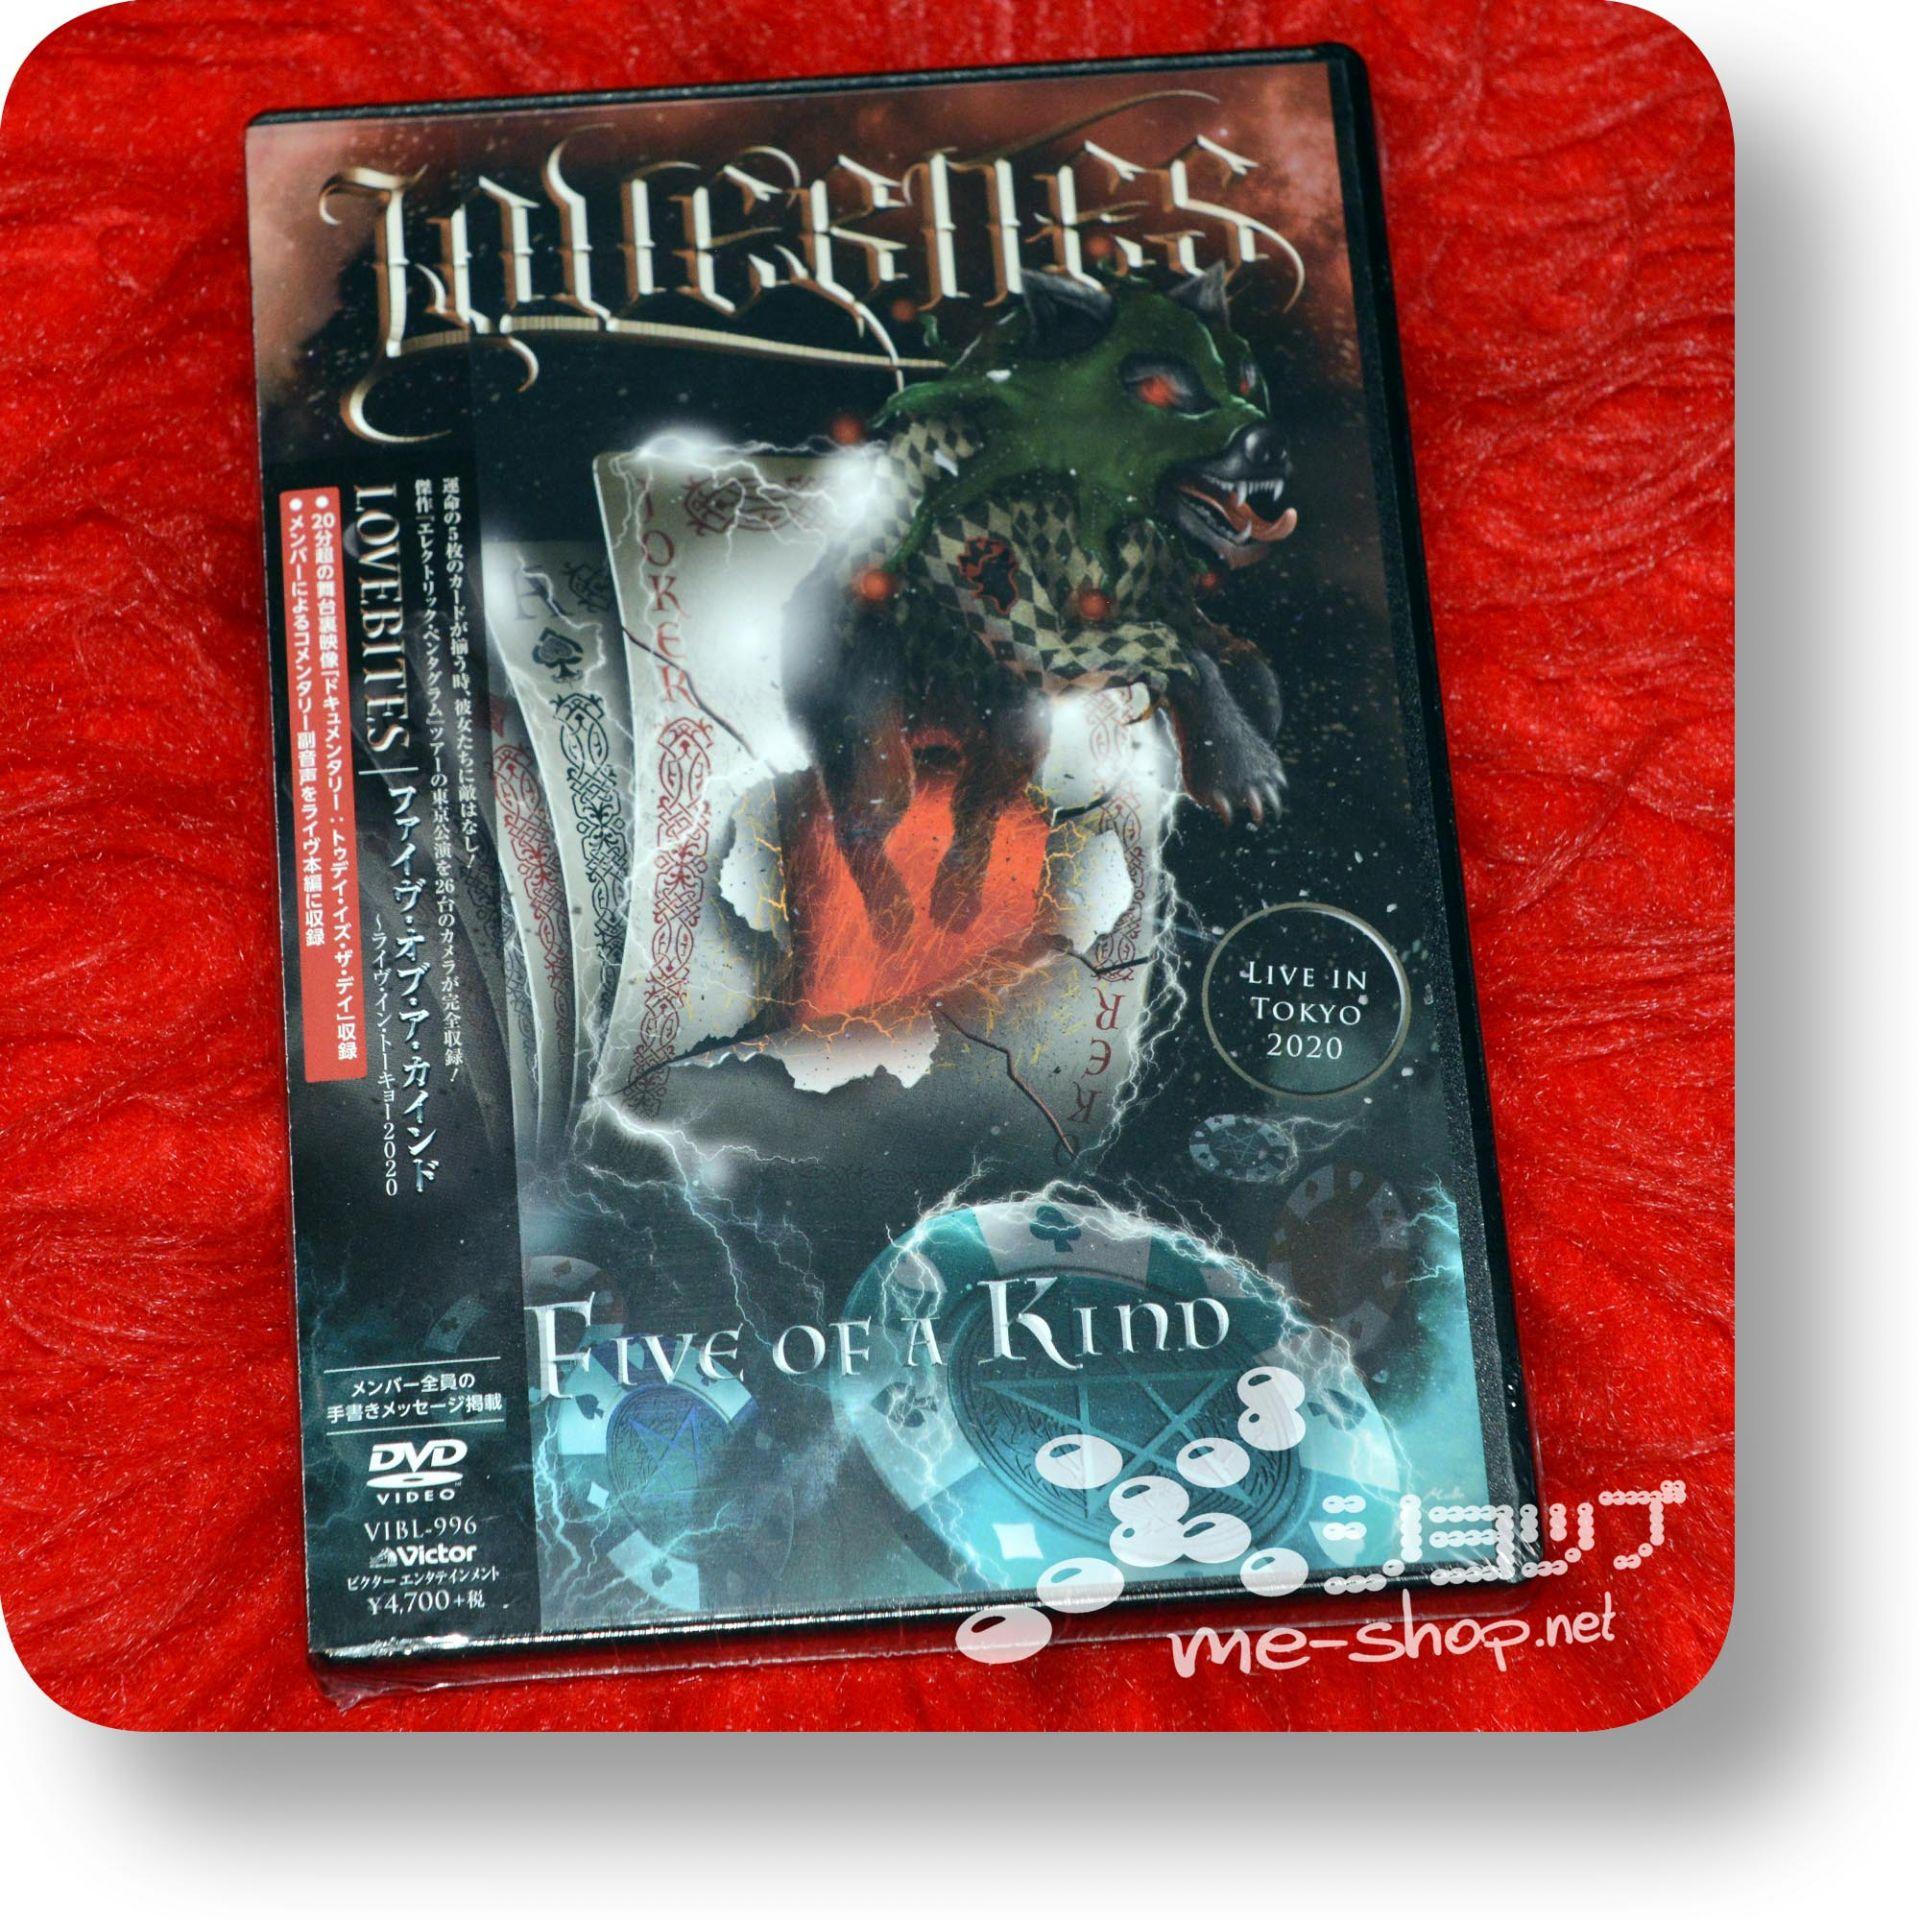 lovebites five of dvd